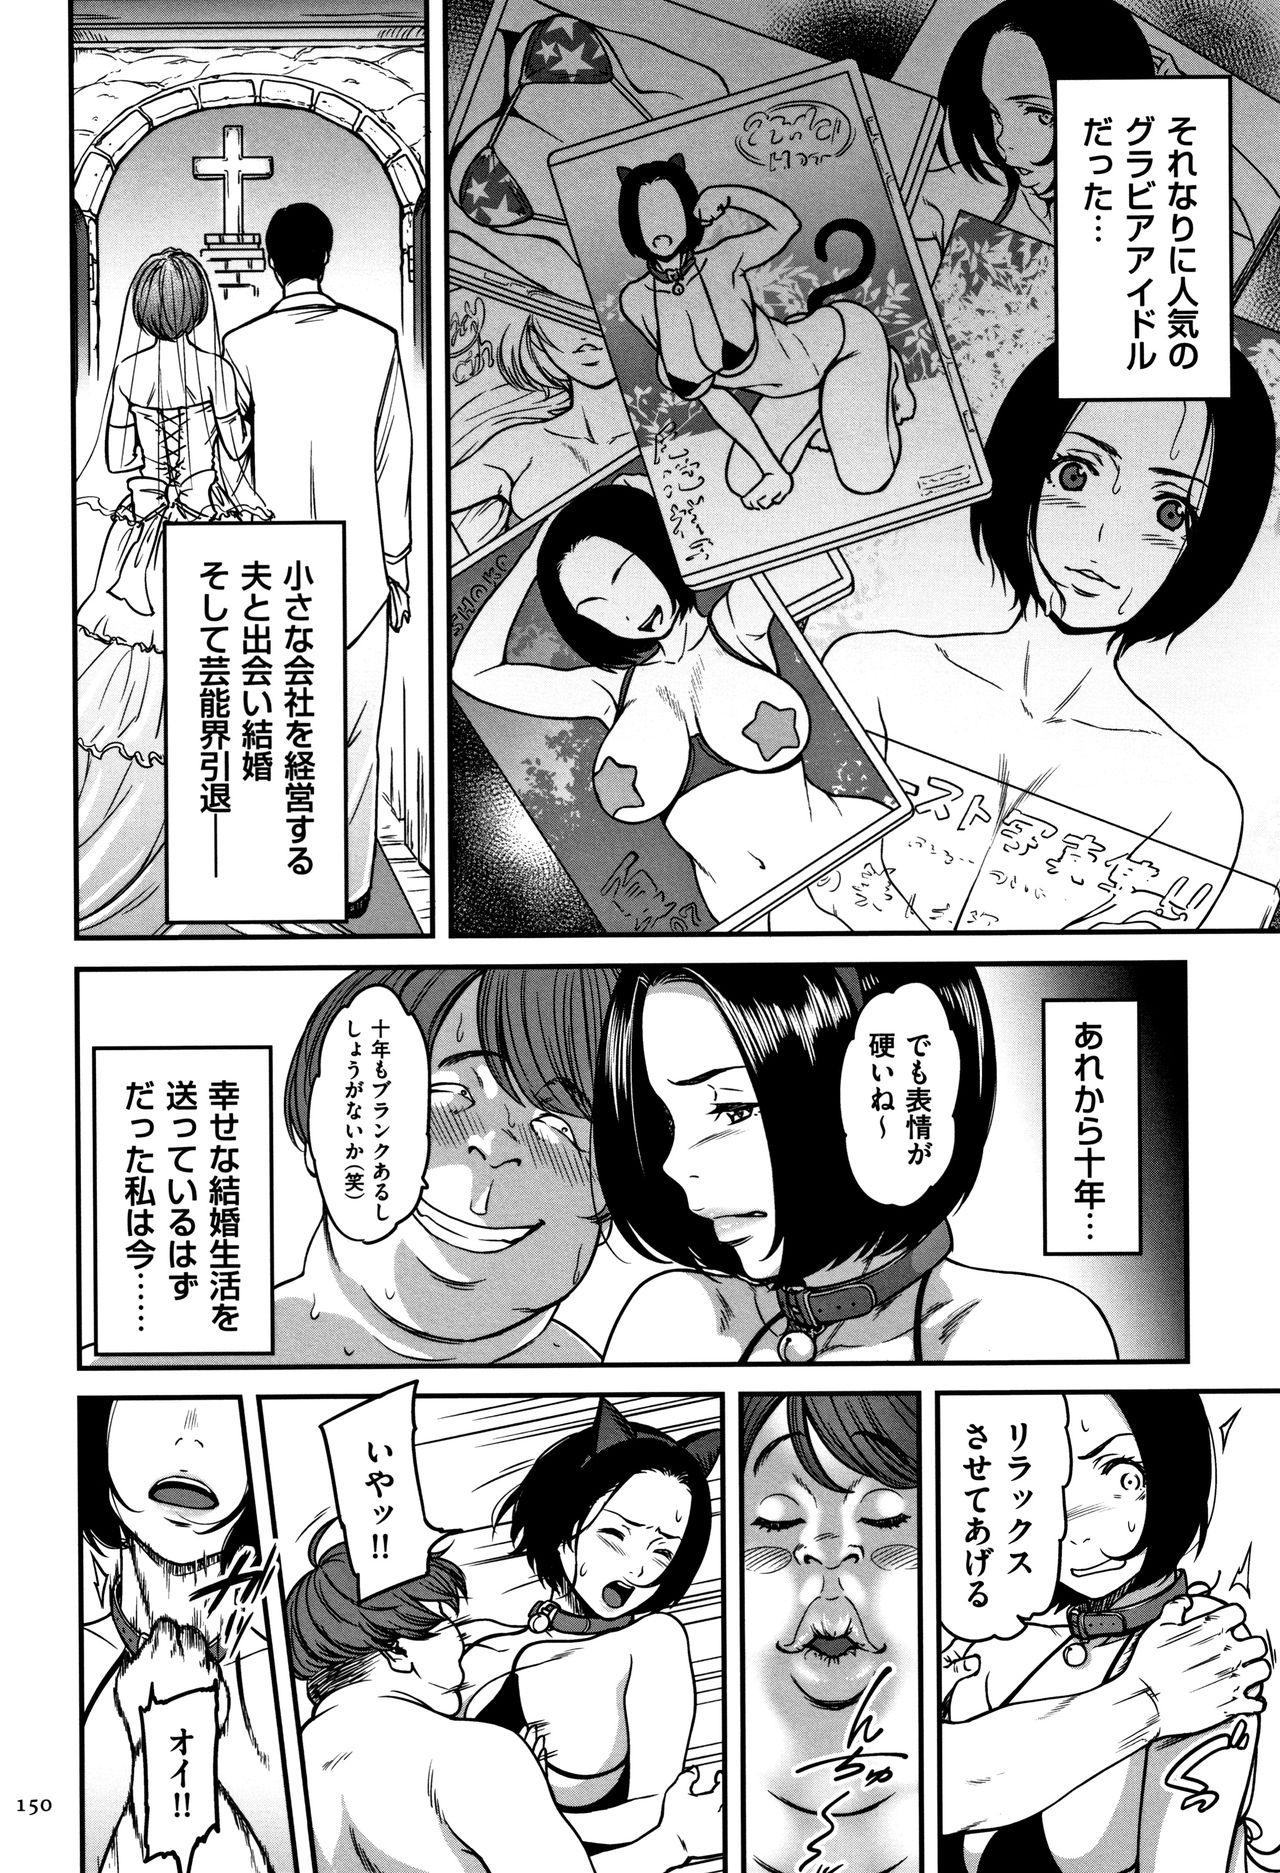 Tsumaiki - Tsuma no Ikigao ga Mitakute.... 150